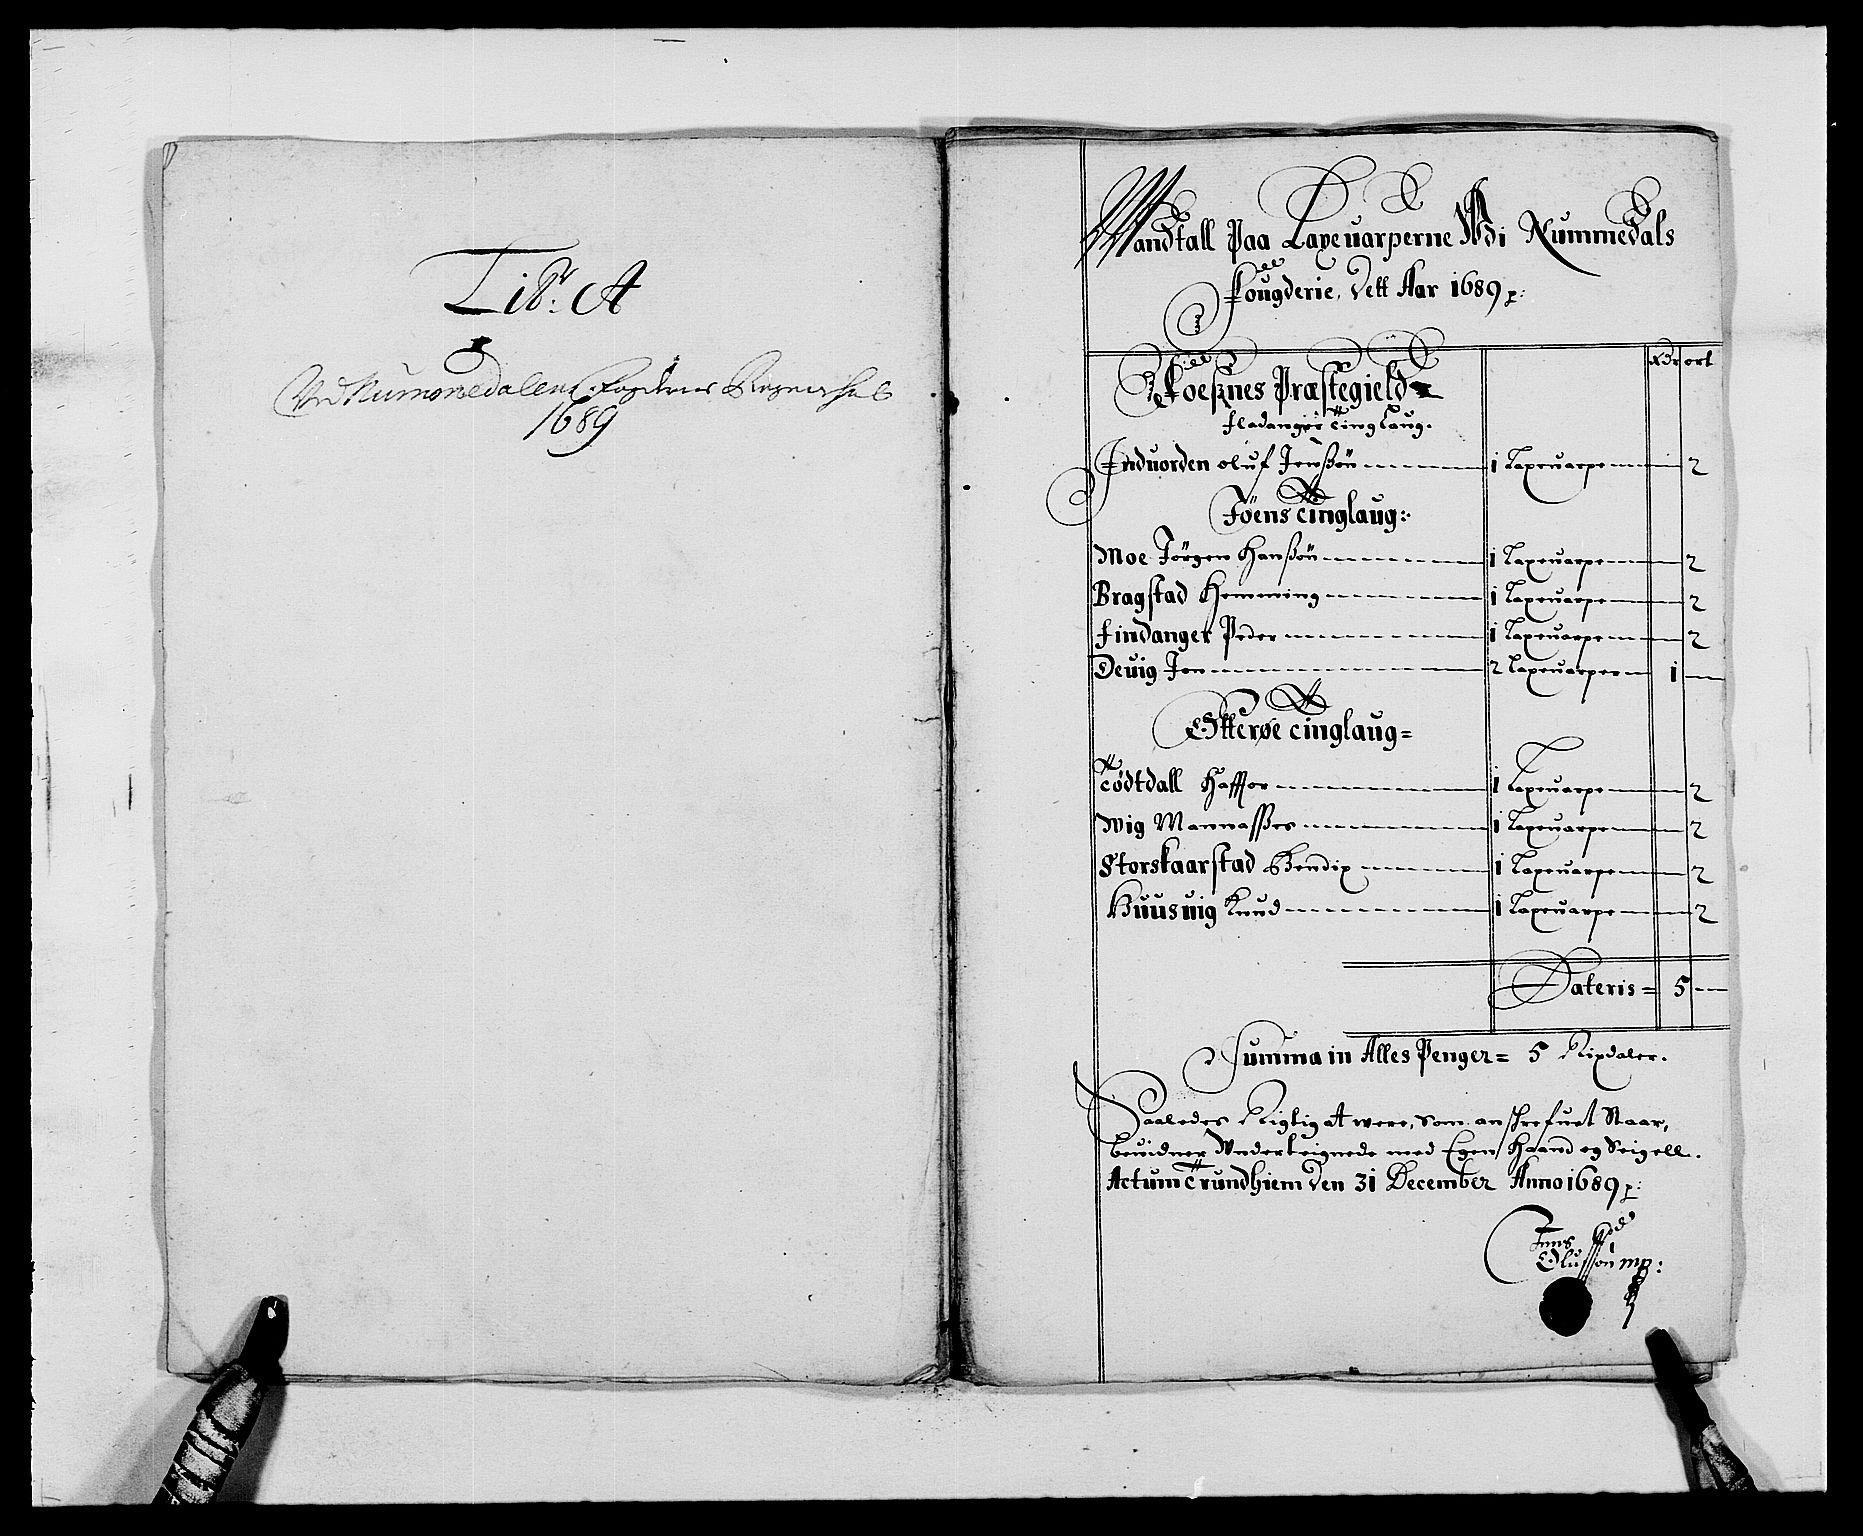 RA, Rentekammeret inntil 1814, Reviderte regnskaper, Fogderegnskap, R64/L4422: Fogderegnskap Namdal, 1687-1689, s. 208